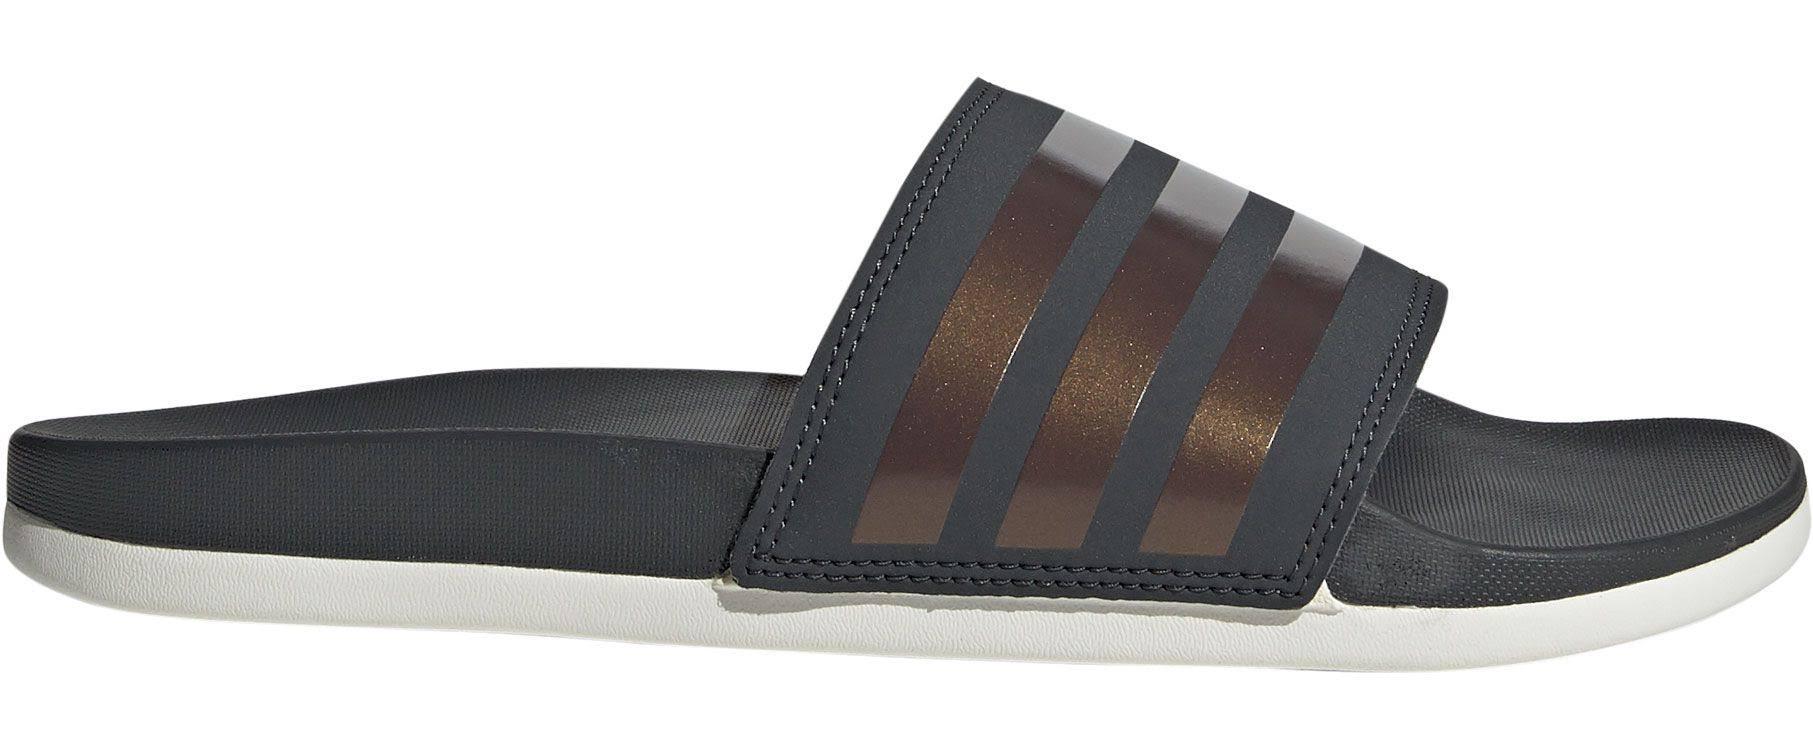 Sandales Adilette Foncé Gris Slide Femmes Adidas Taille Comfort 7 RAXSqw